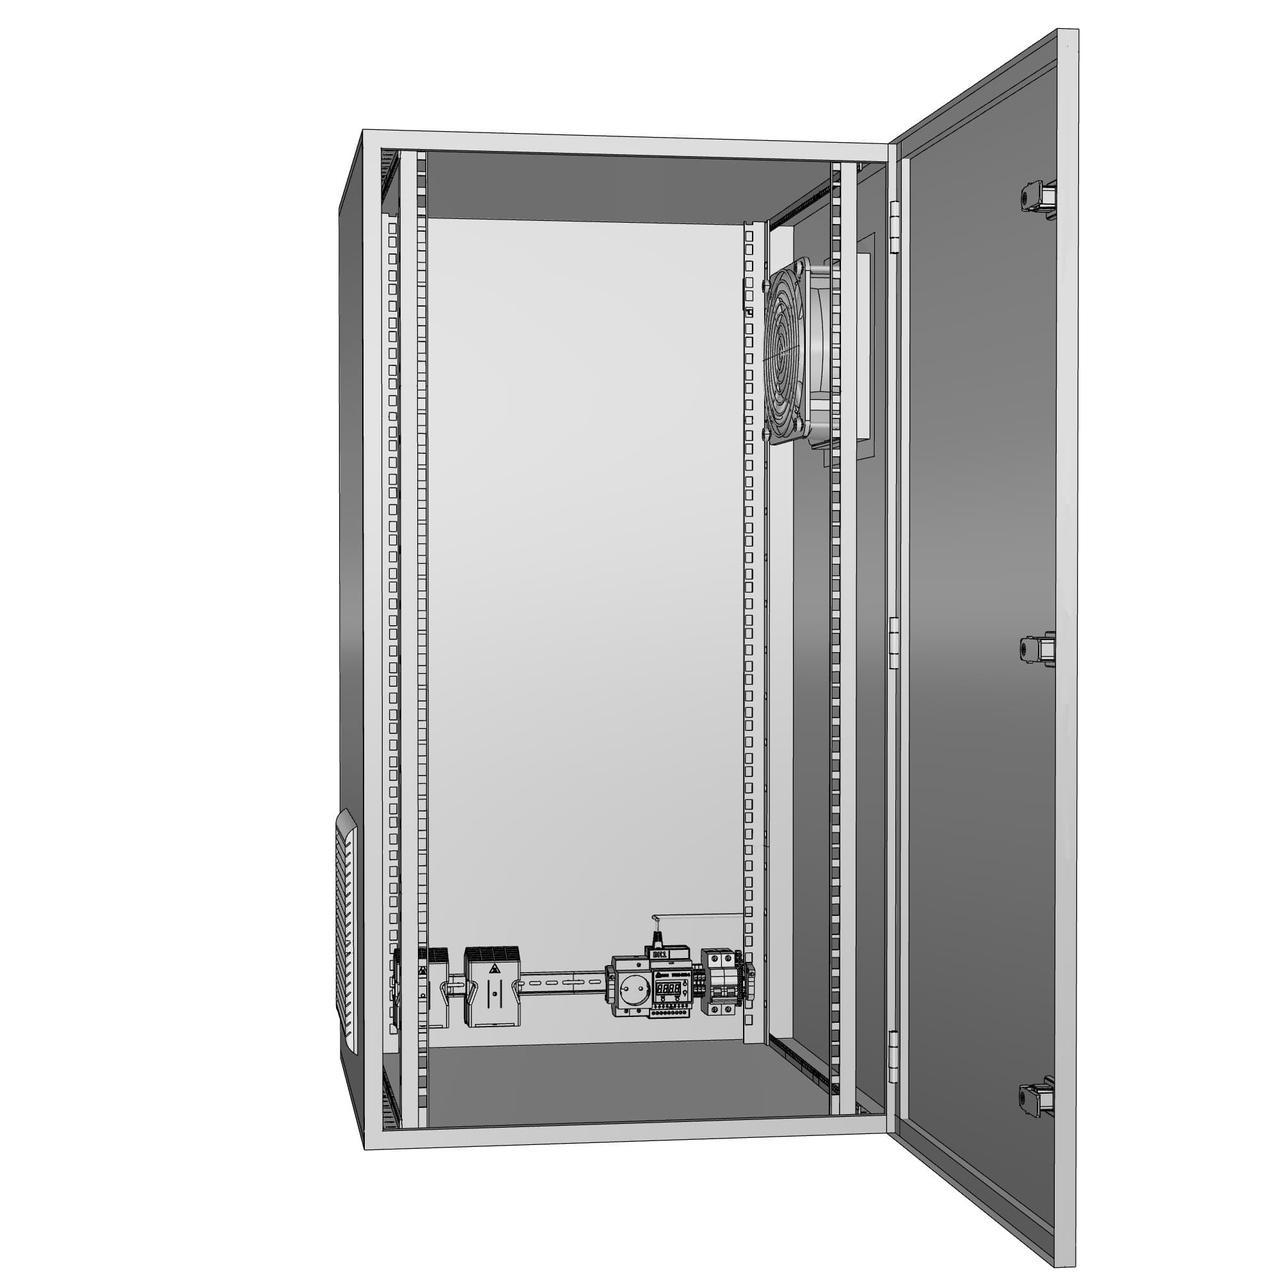 Щит климатический утеплённый с обогревом и вентиляцией ЩКу- ОВ- 01- 400×300×150 (В×Ш×Г) IP65